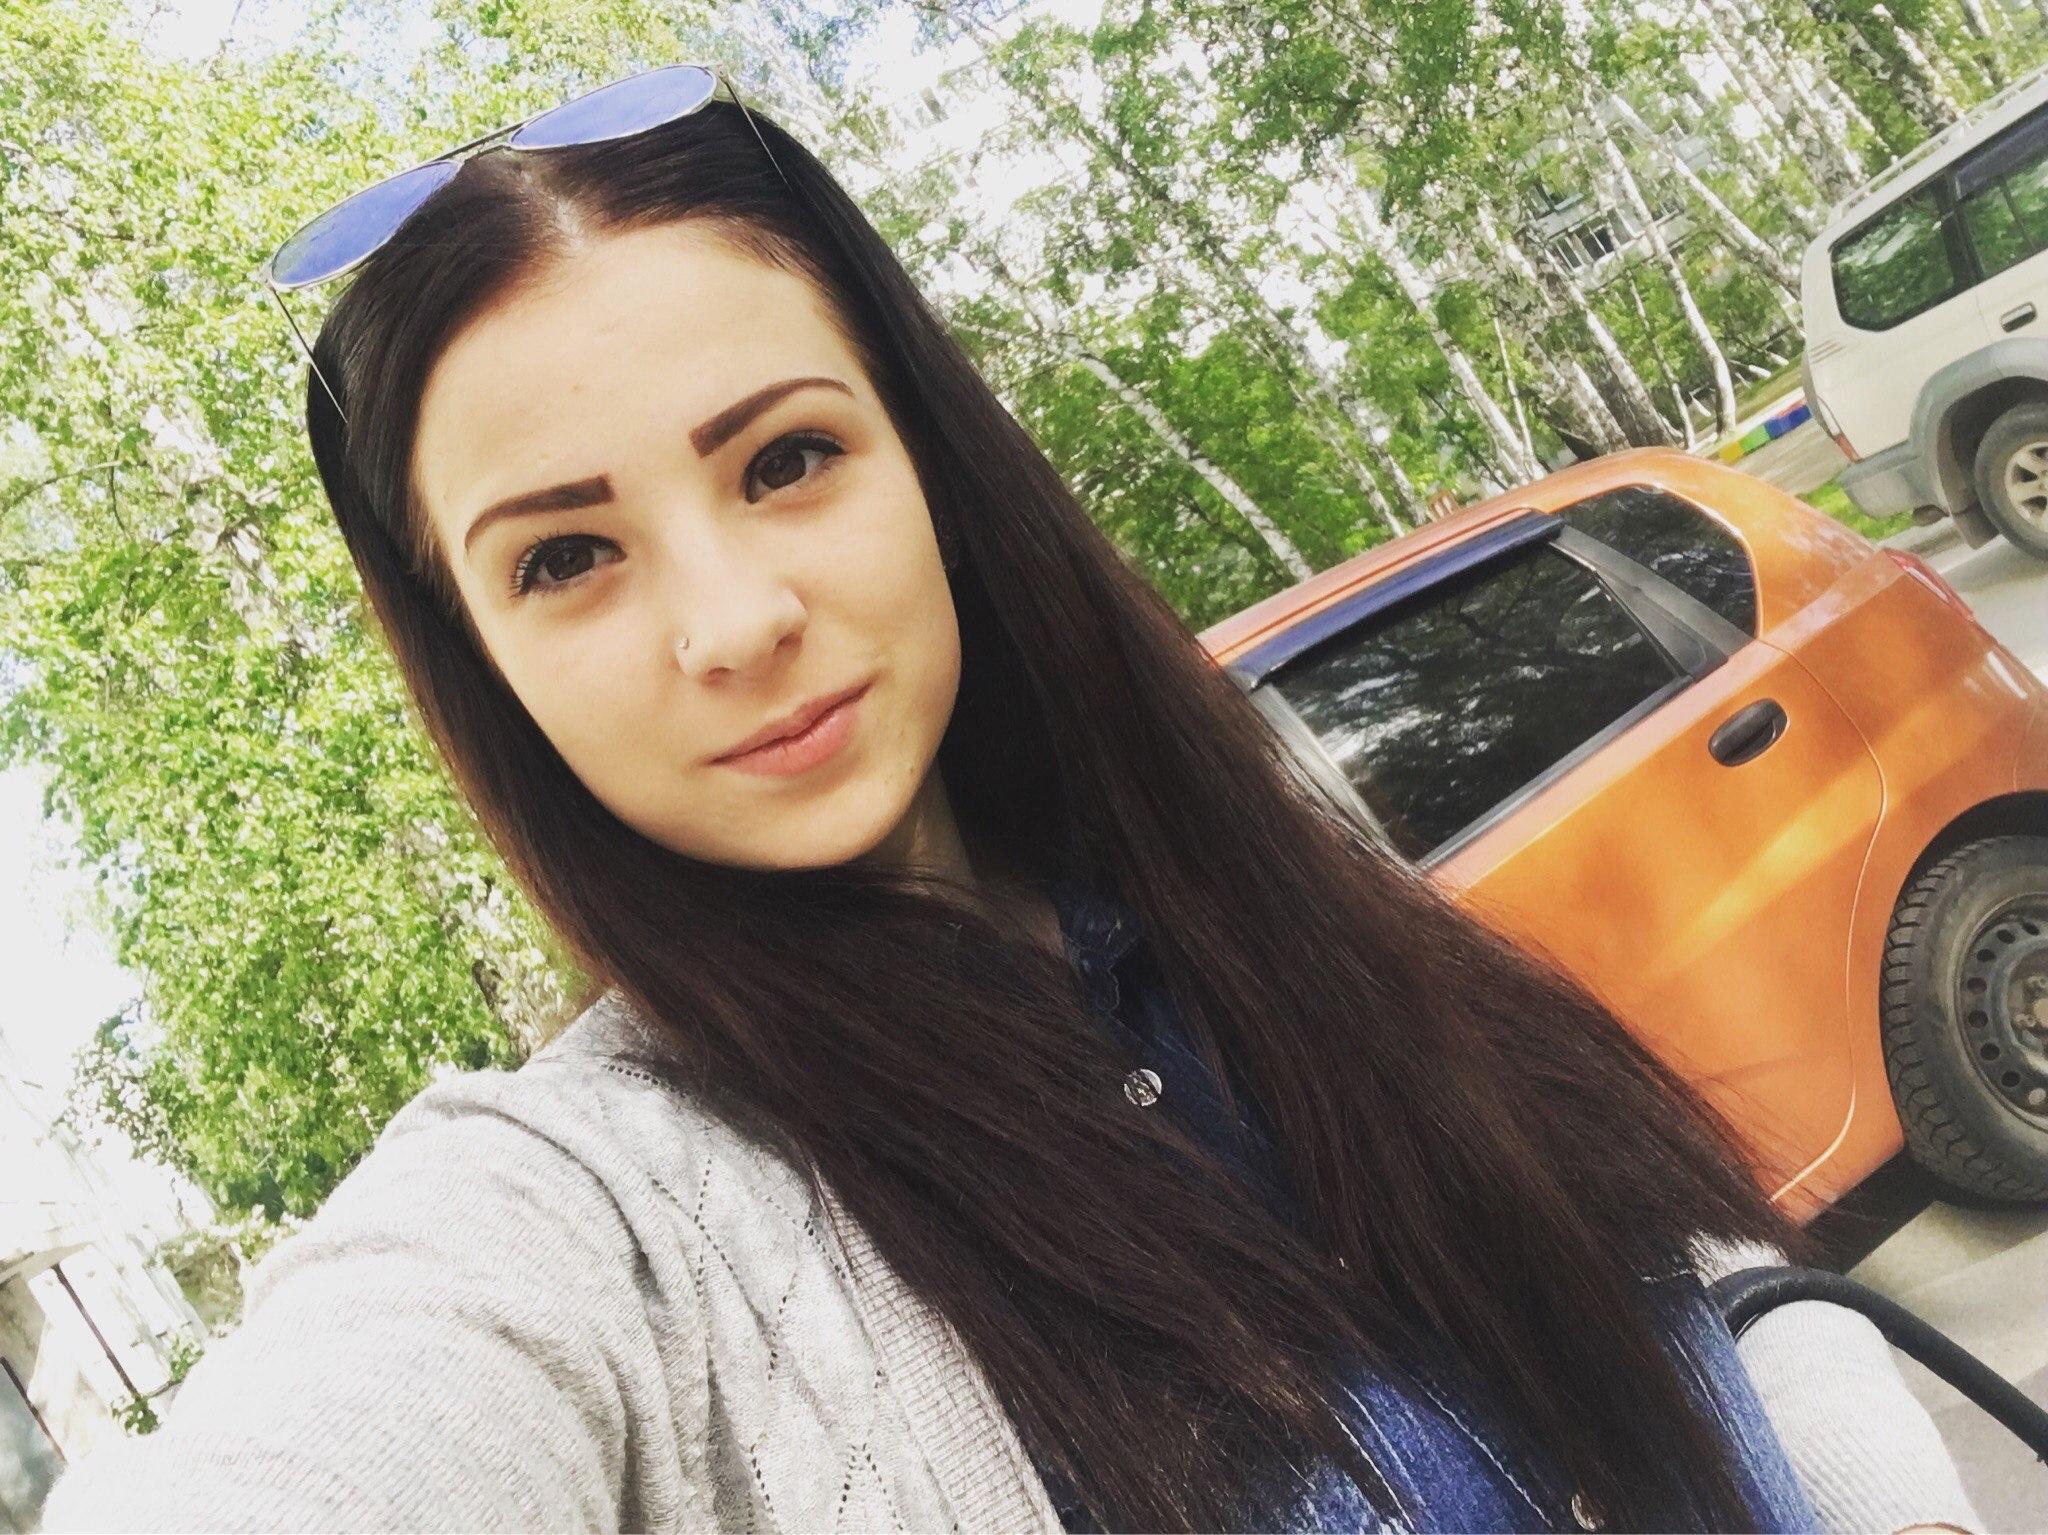 Фото девушек на природе (20 фото) - Оксана, 22 года, Новосибирск